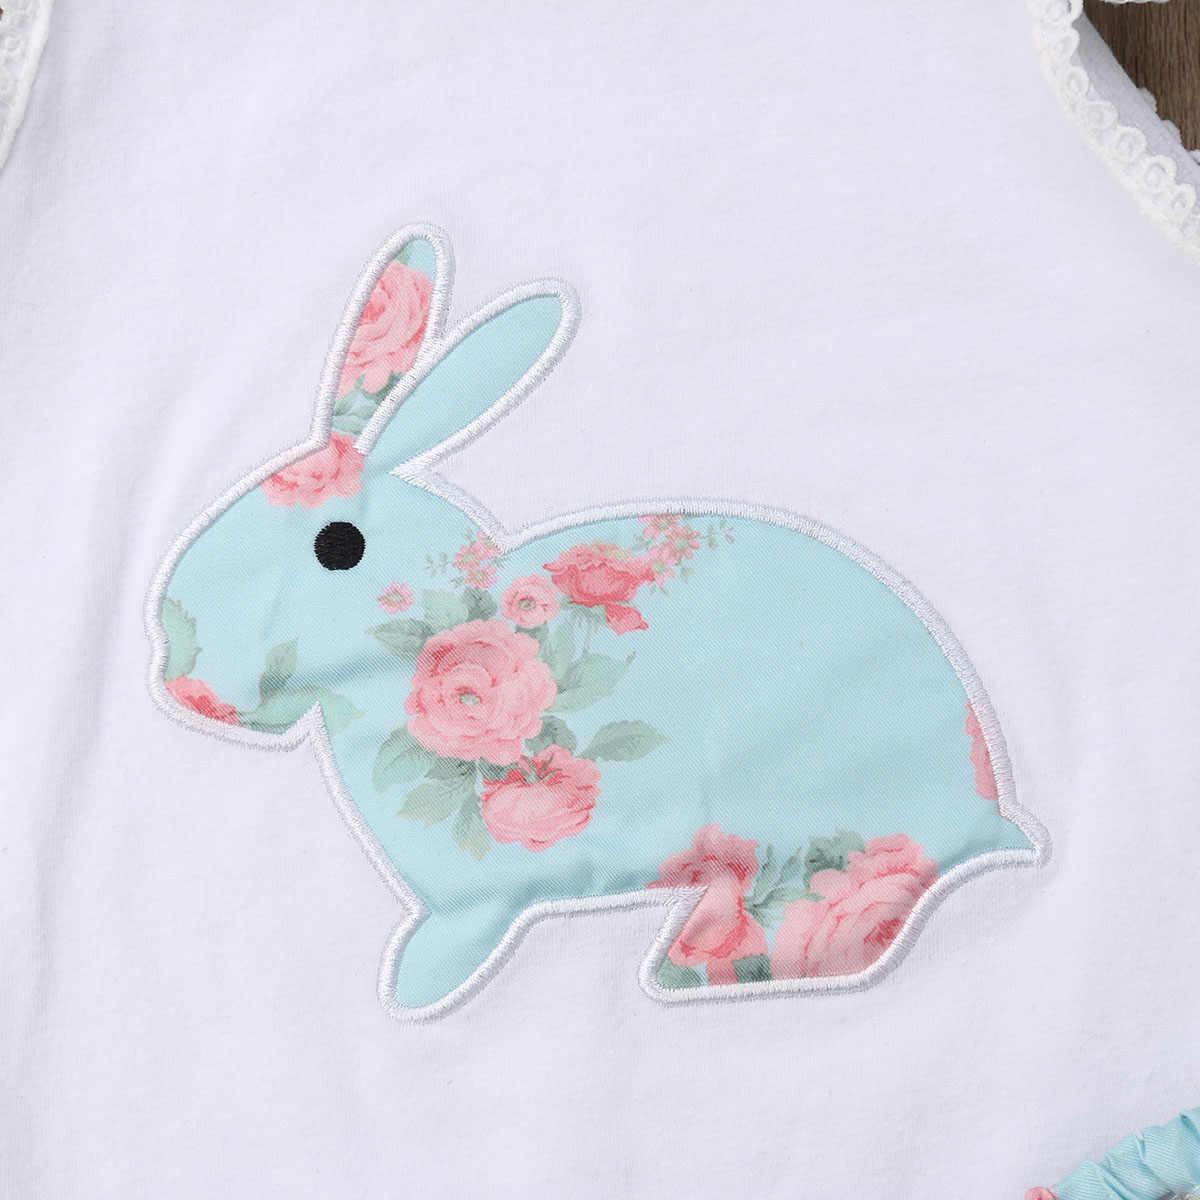 Mein 1st Ester bunny Kaninchen Infant Baby Mädchen Romper Tutu Kleid Ärmelloses Party Outfits Kleidung set für Neugeborene Kinder Kleidung